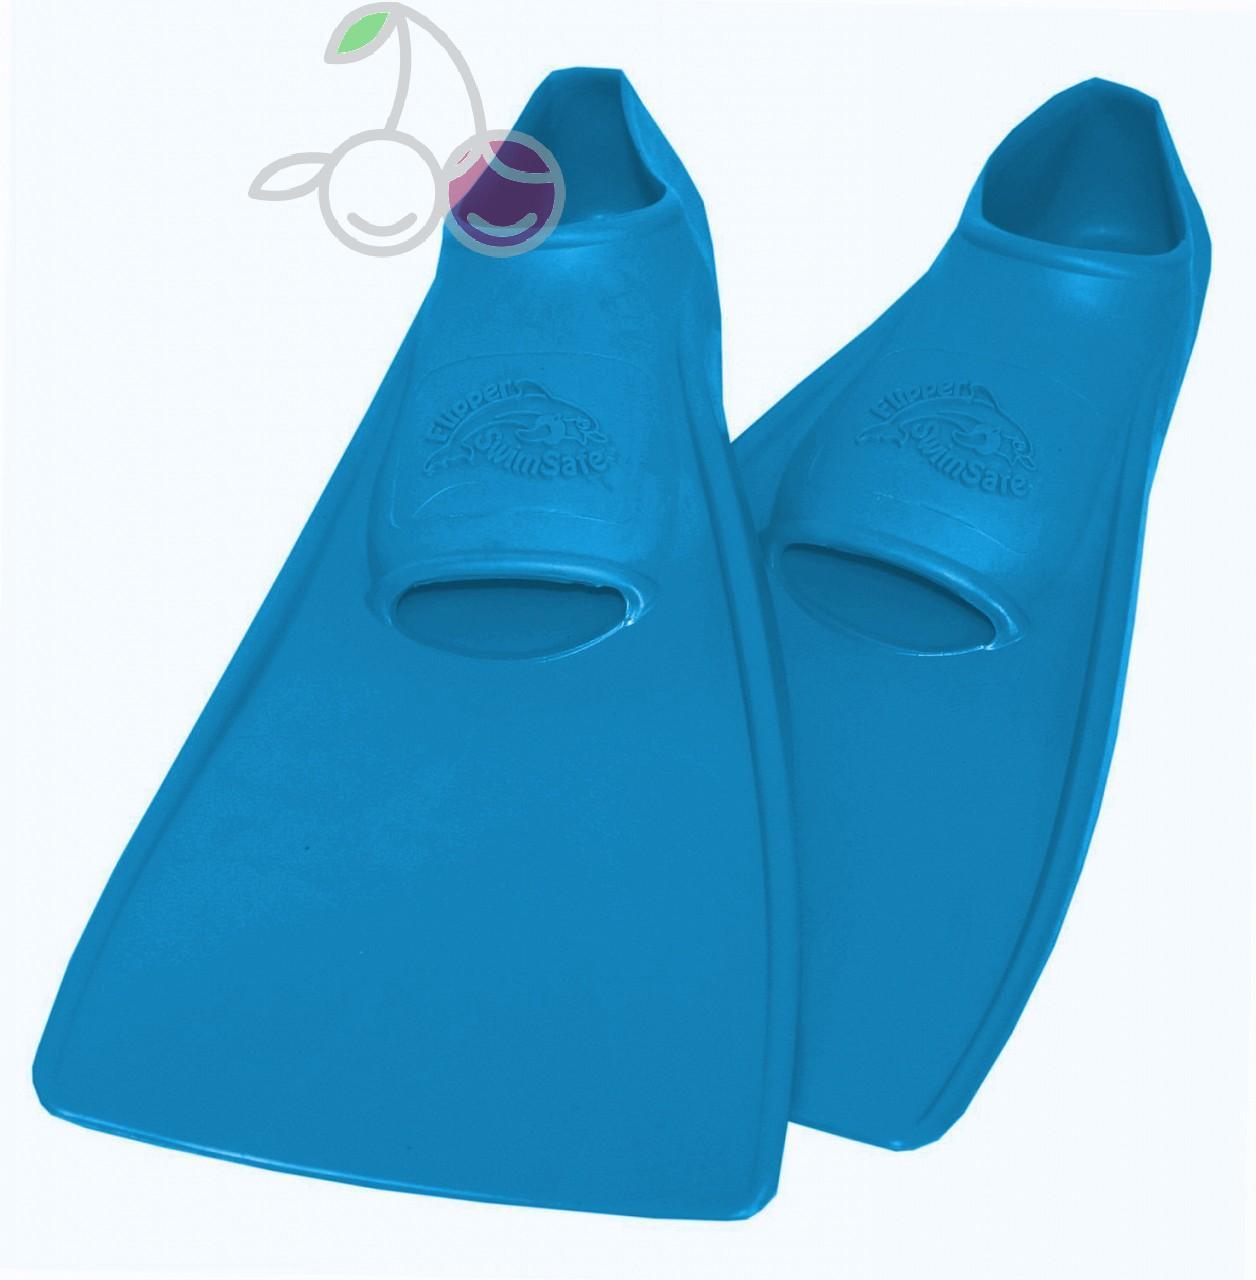 Ласты для бассейна резиновые детские размеры 24-26 синие СВИМСЕЙФ (SwimSafe) Германия, - фото 1